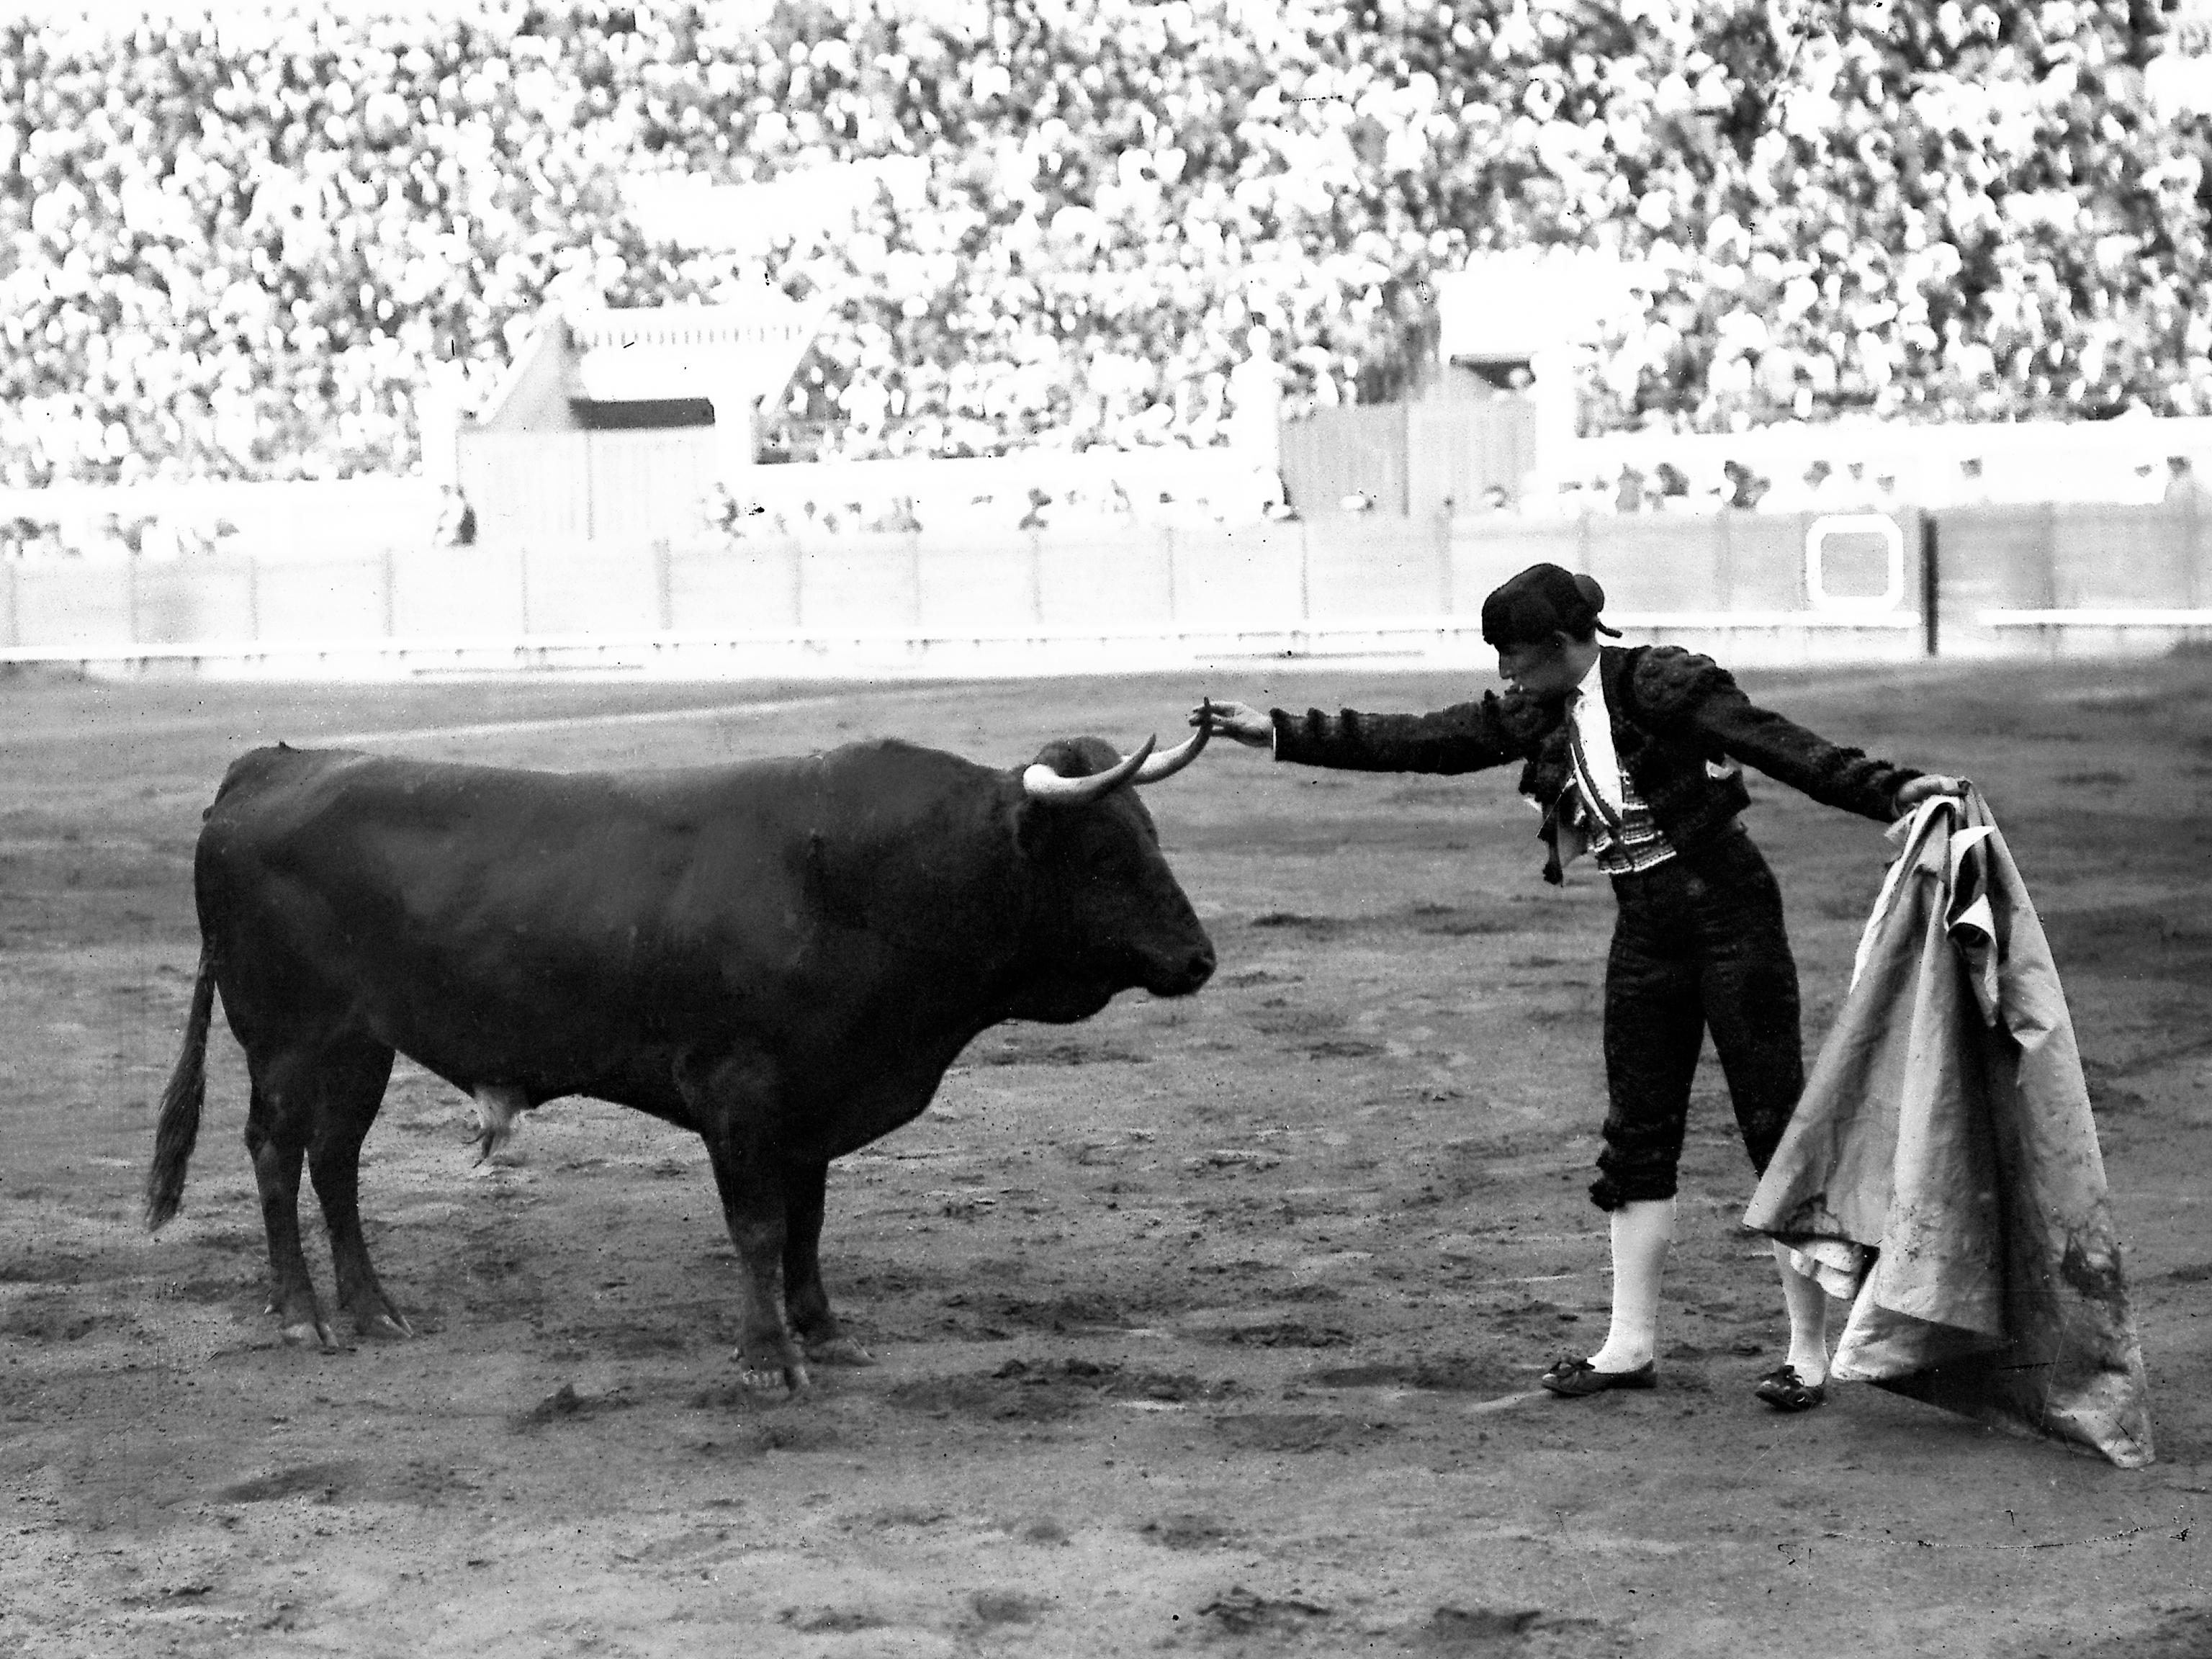 Joselito el Gallo, 'El rey de los toreros', toreando en Madrid, en la antigua plaza de Fuente del Berro